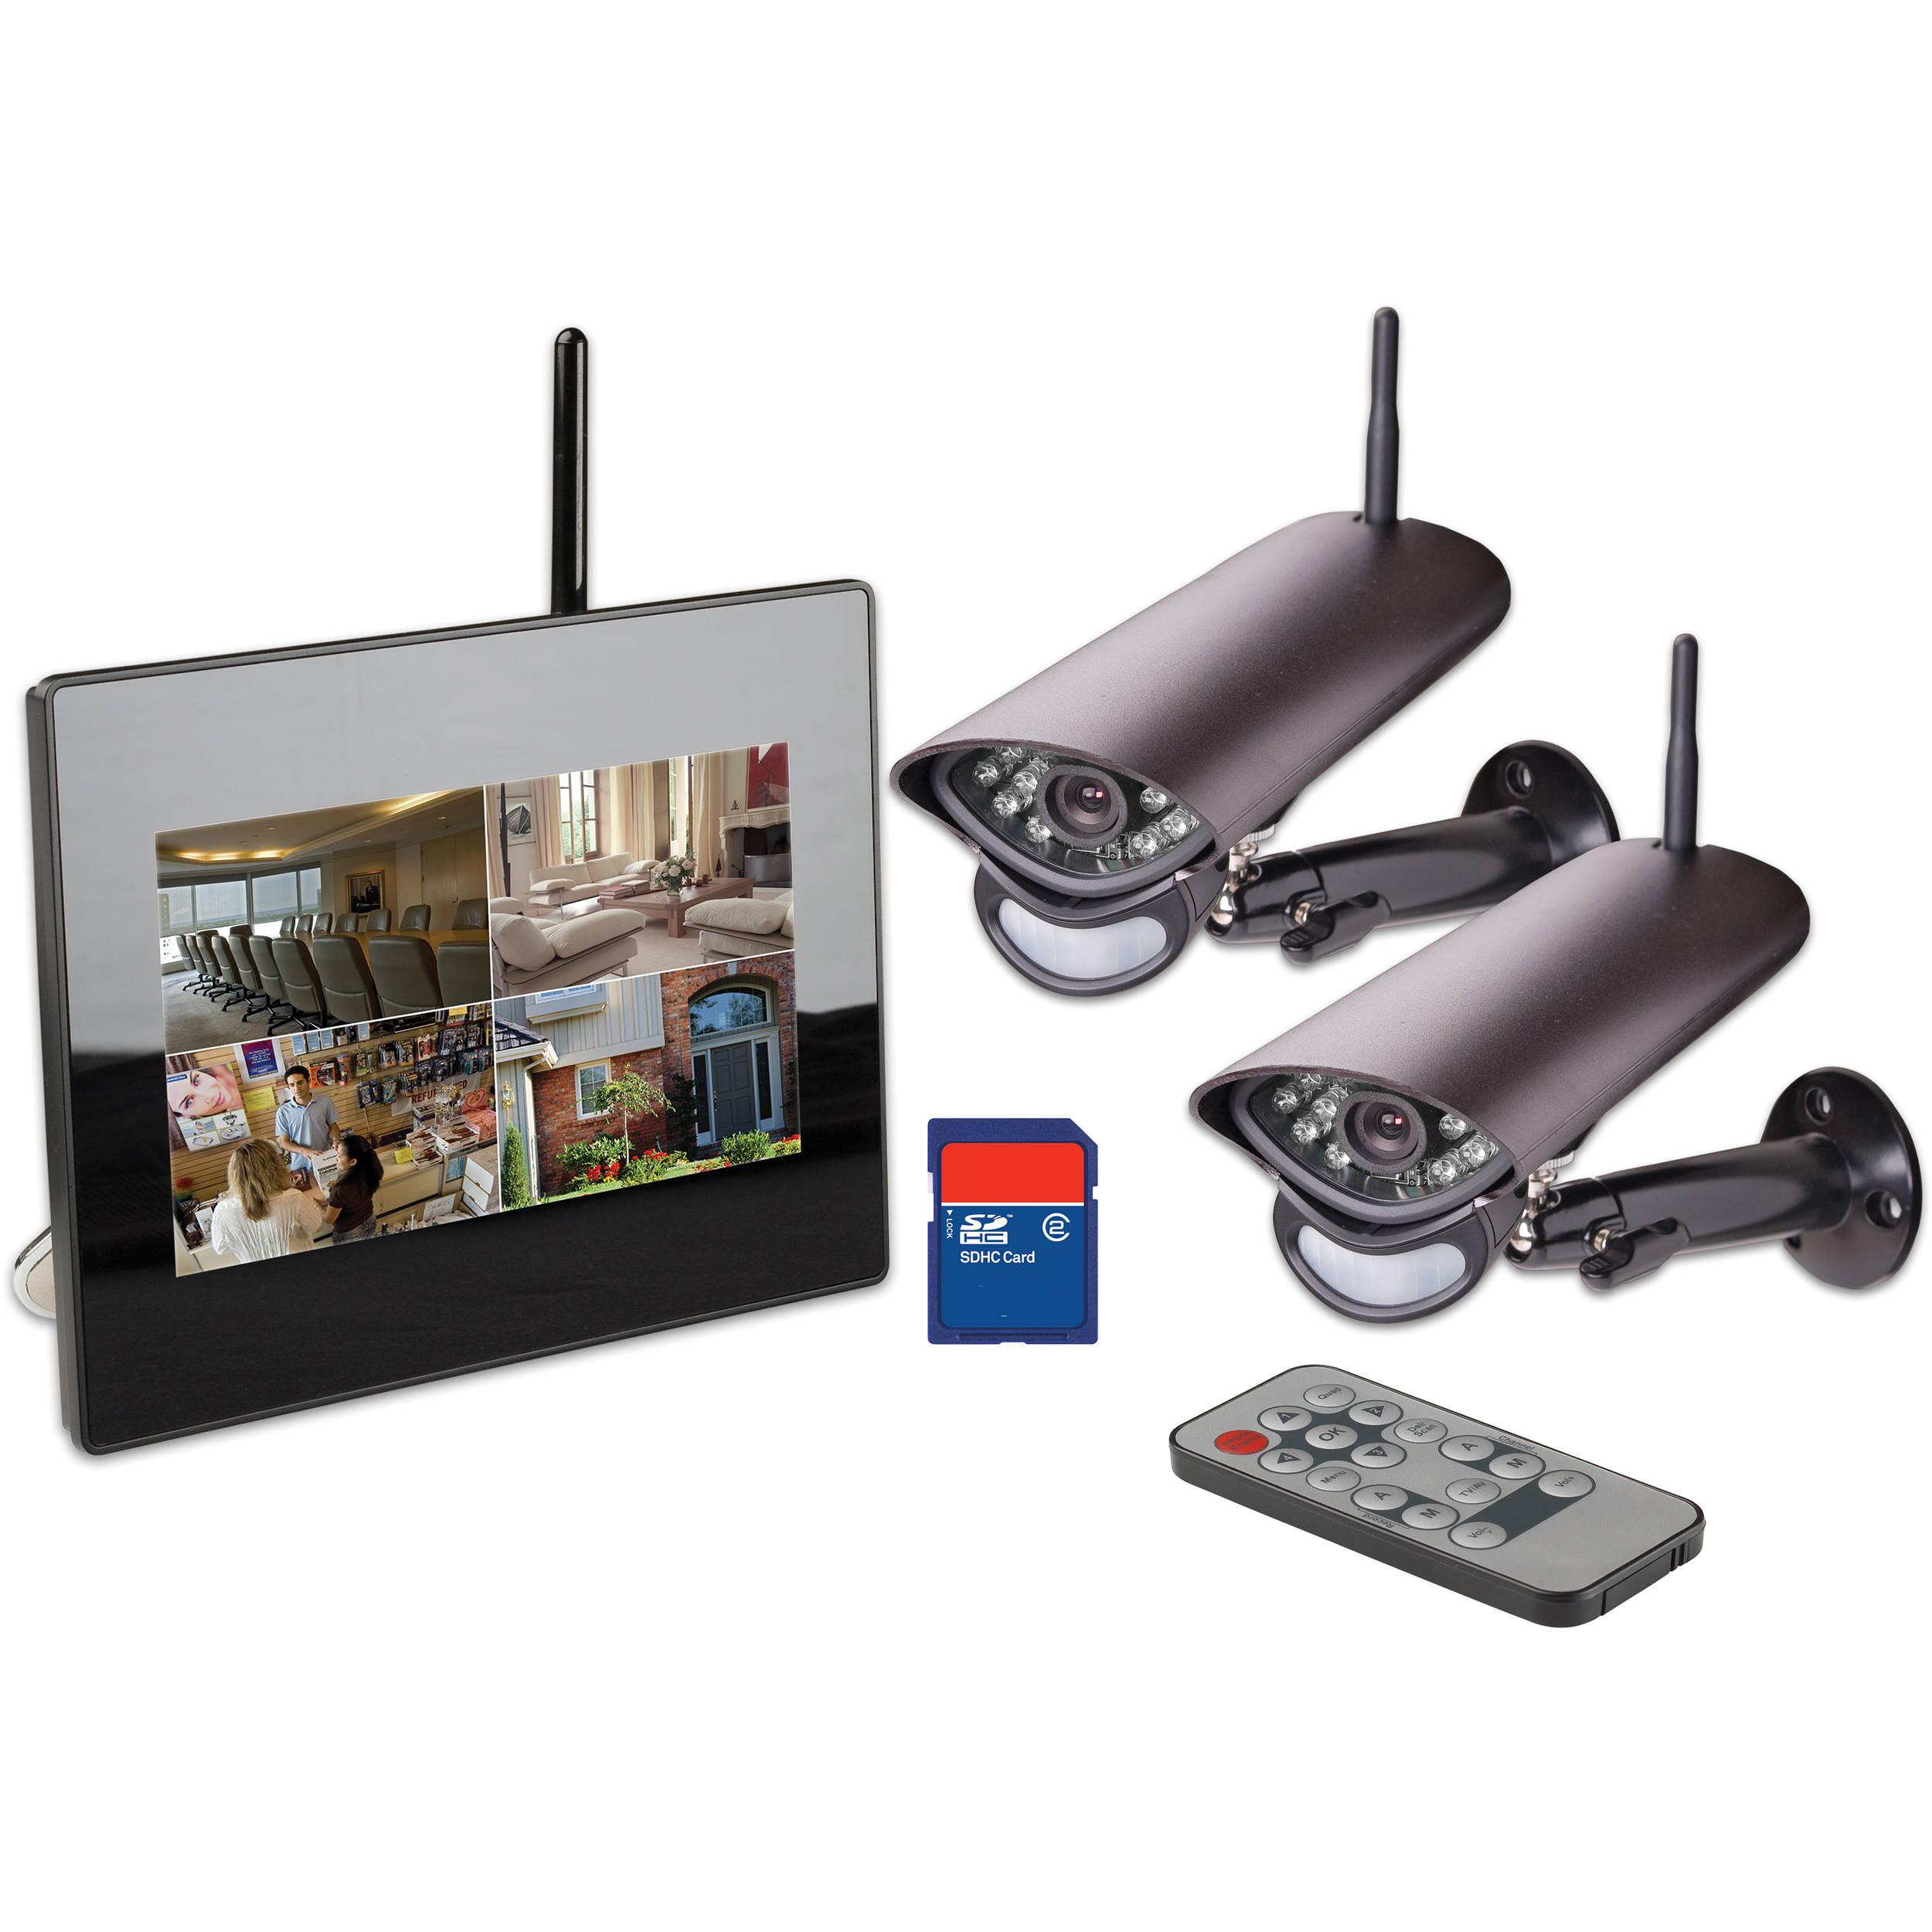 Lorex Home Surveillance System